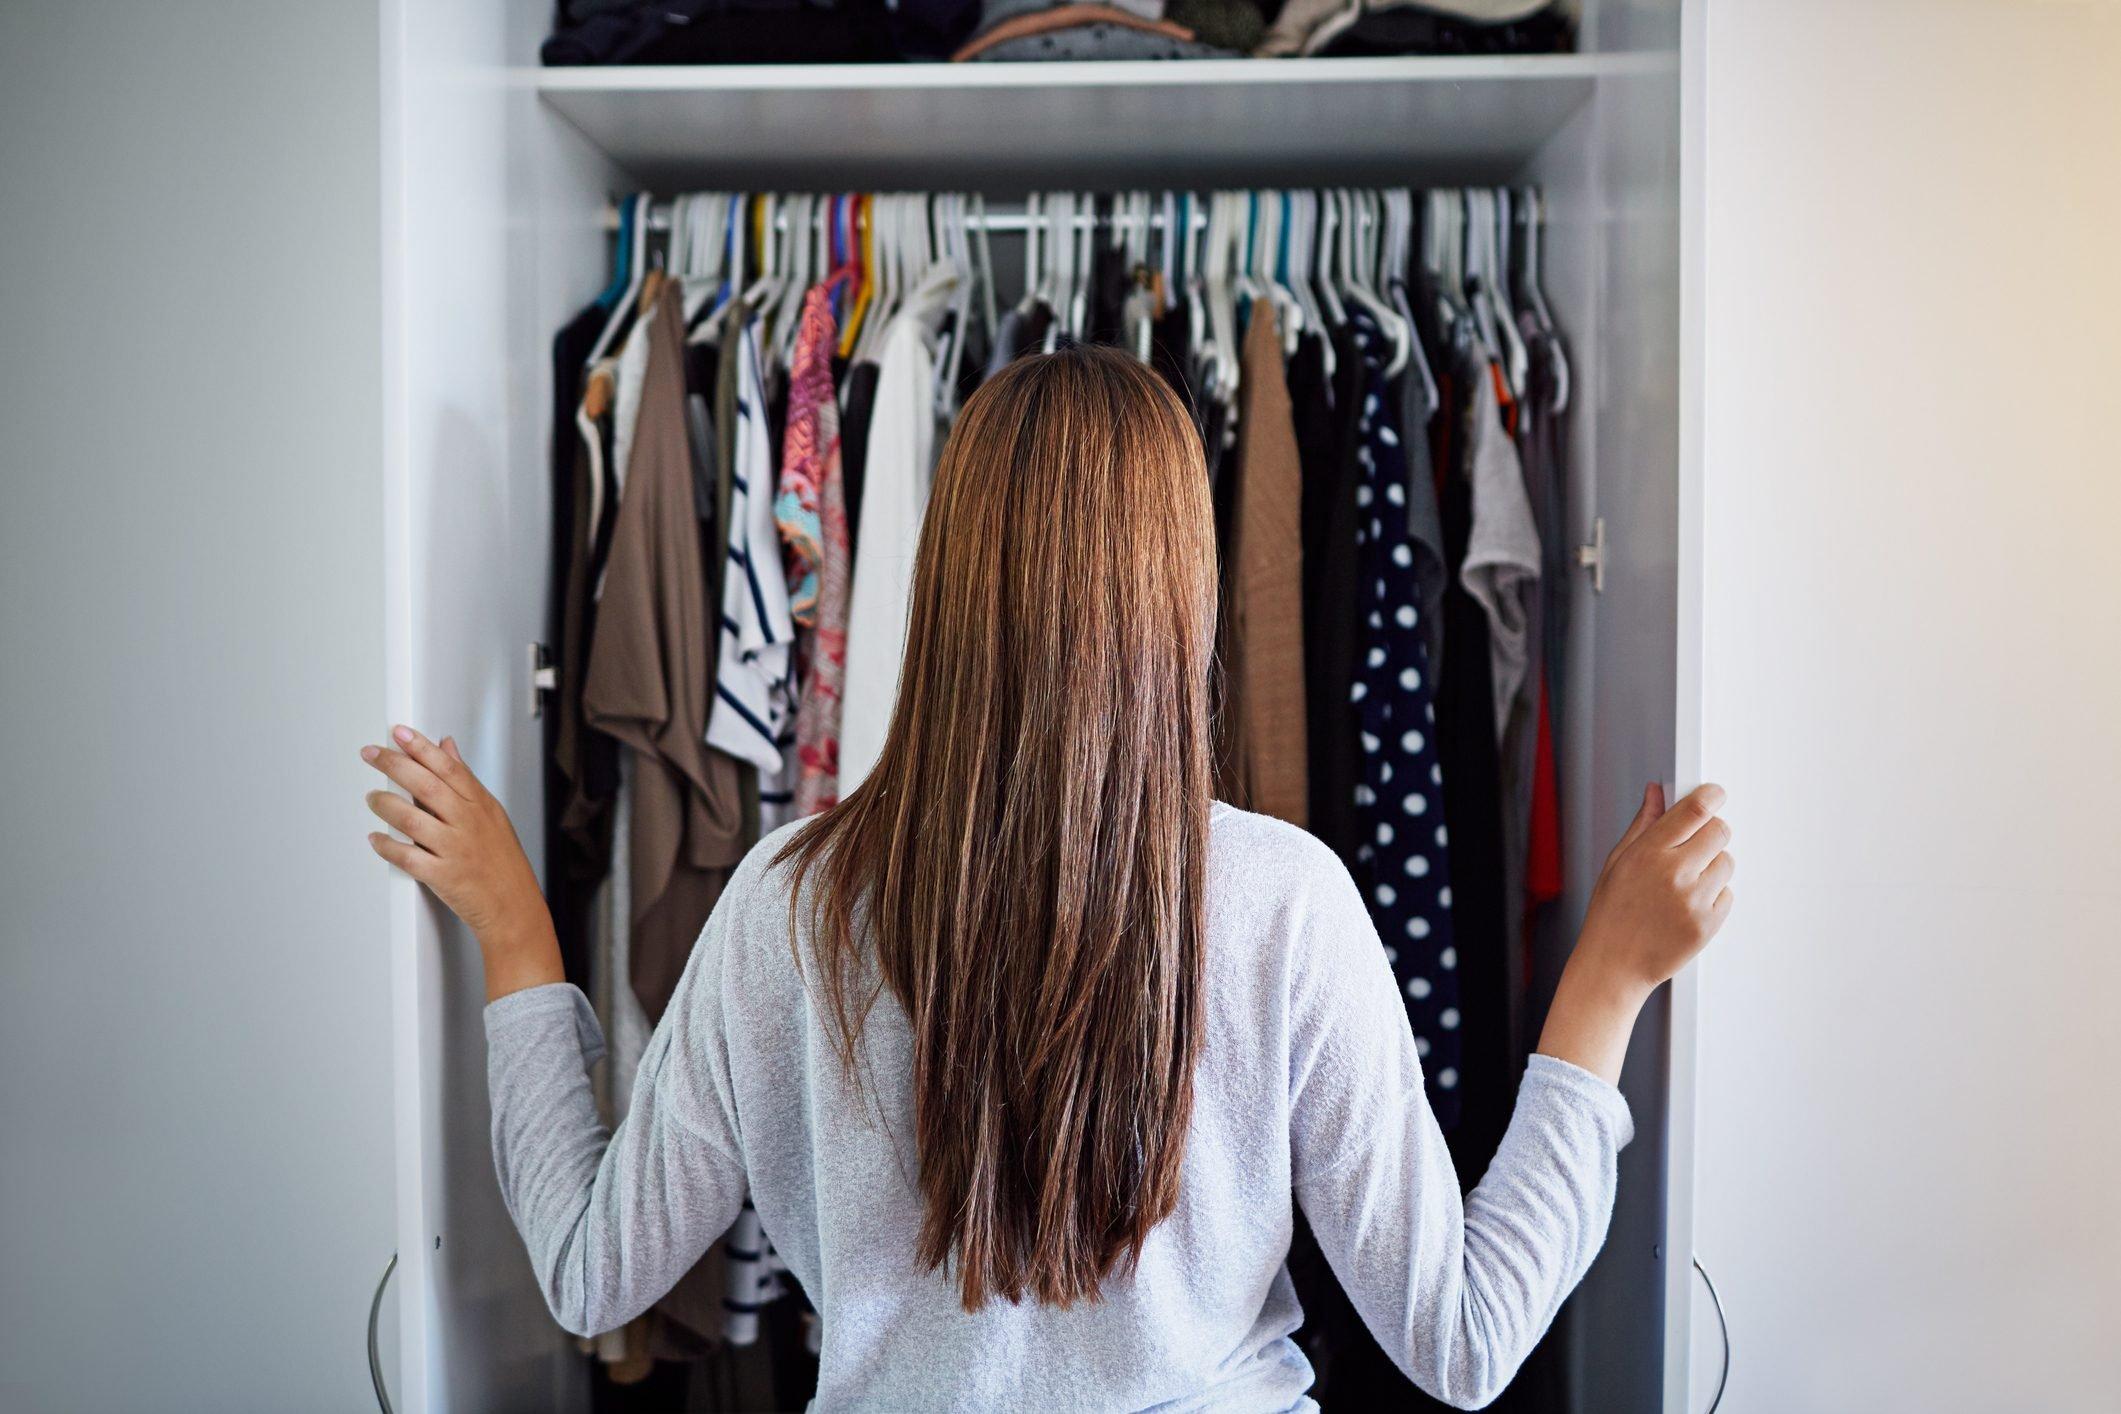 Small Closet Ideas: How to Organize a Small Closet